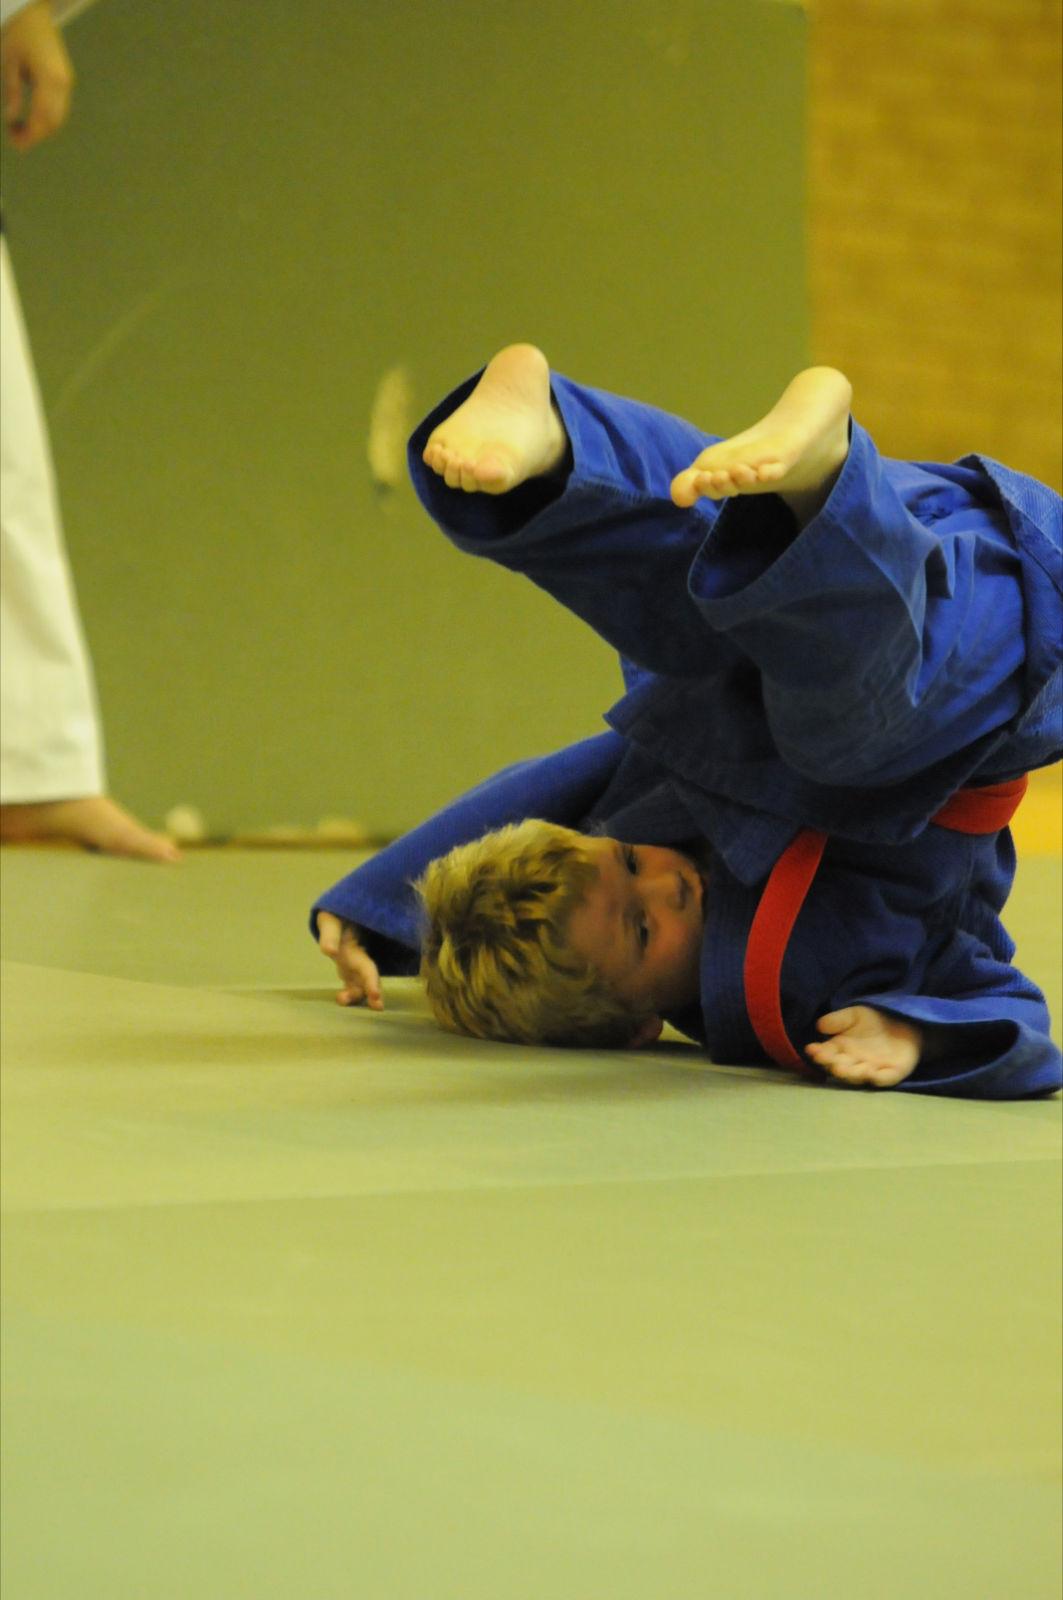 judo_action-79